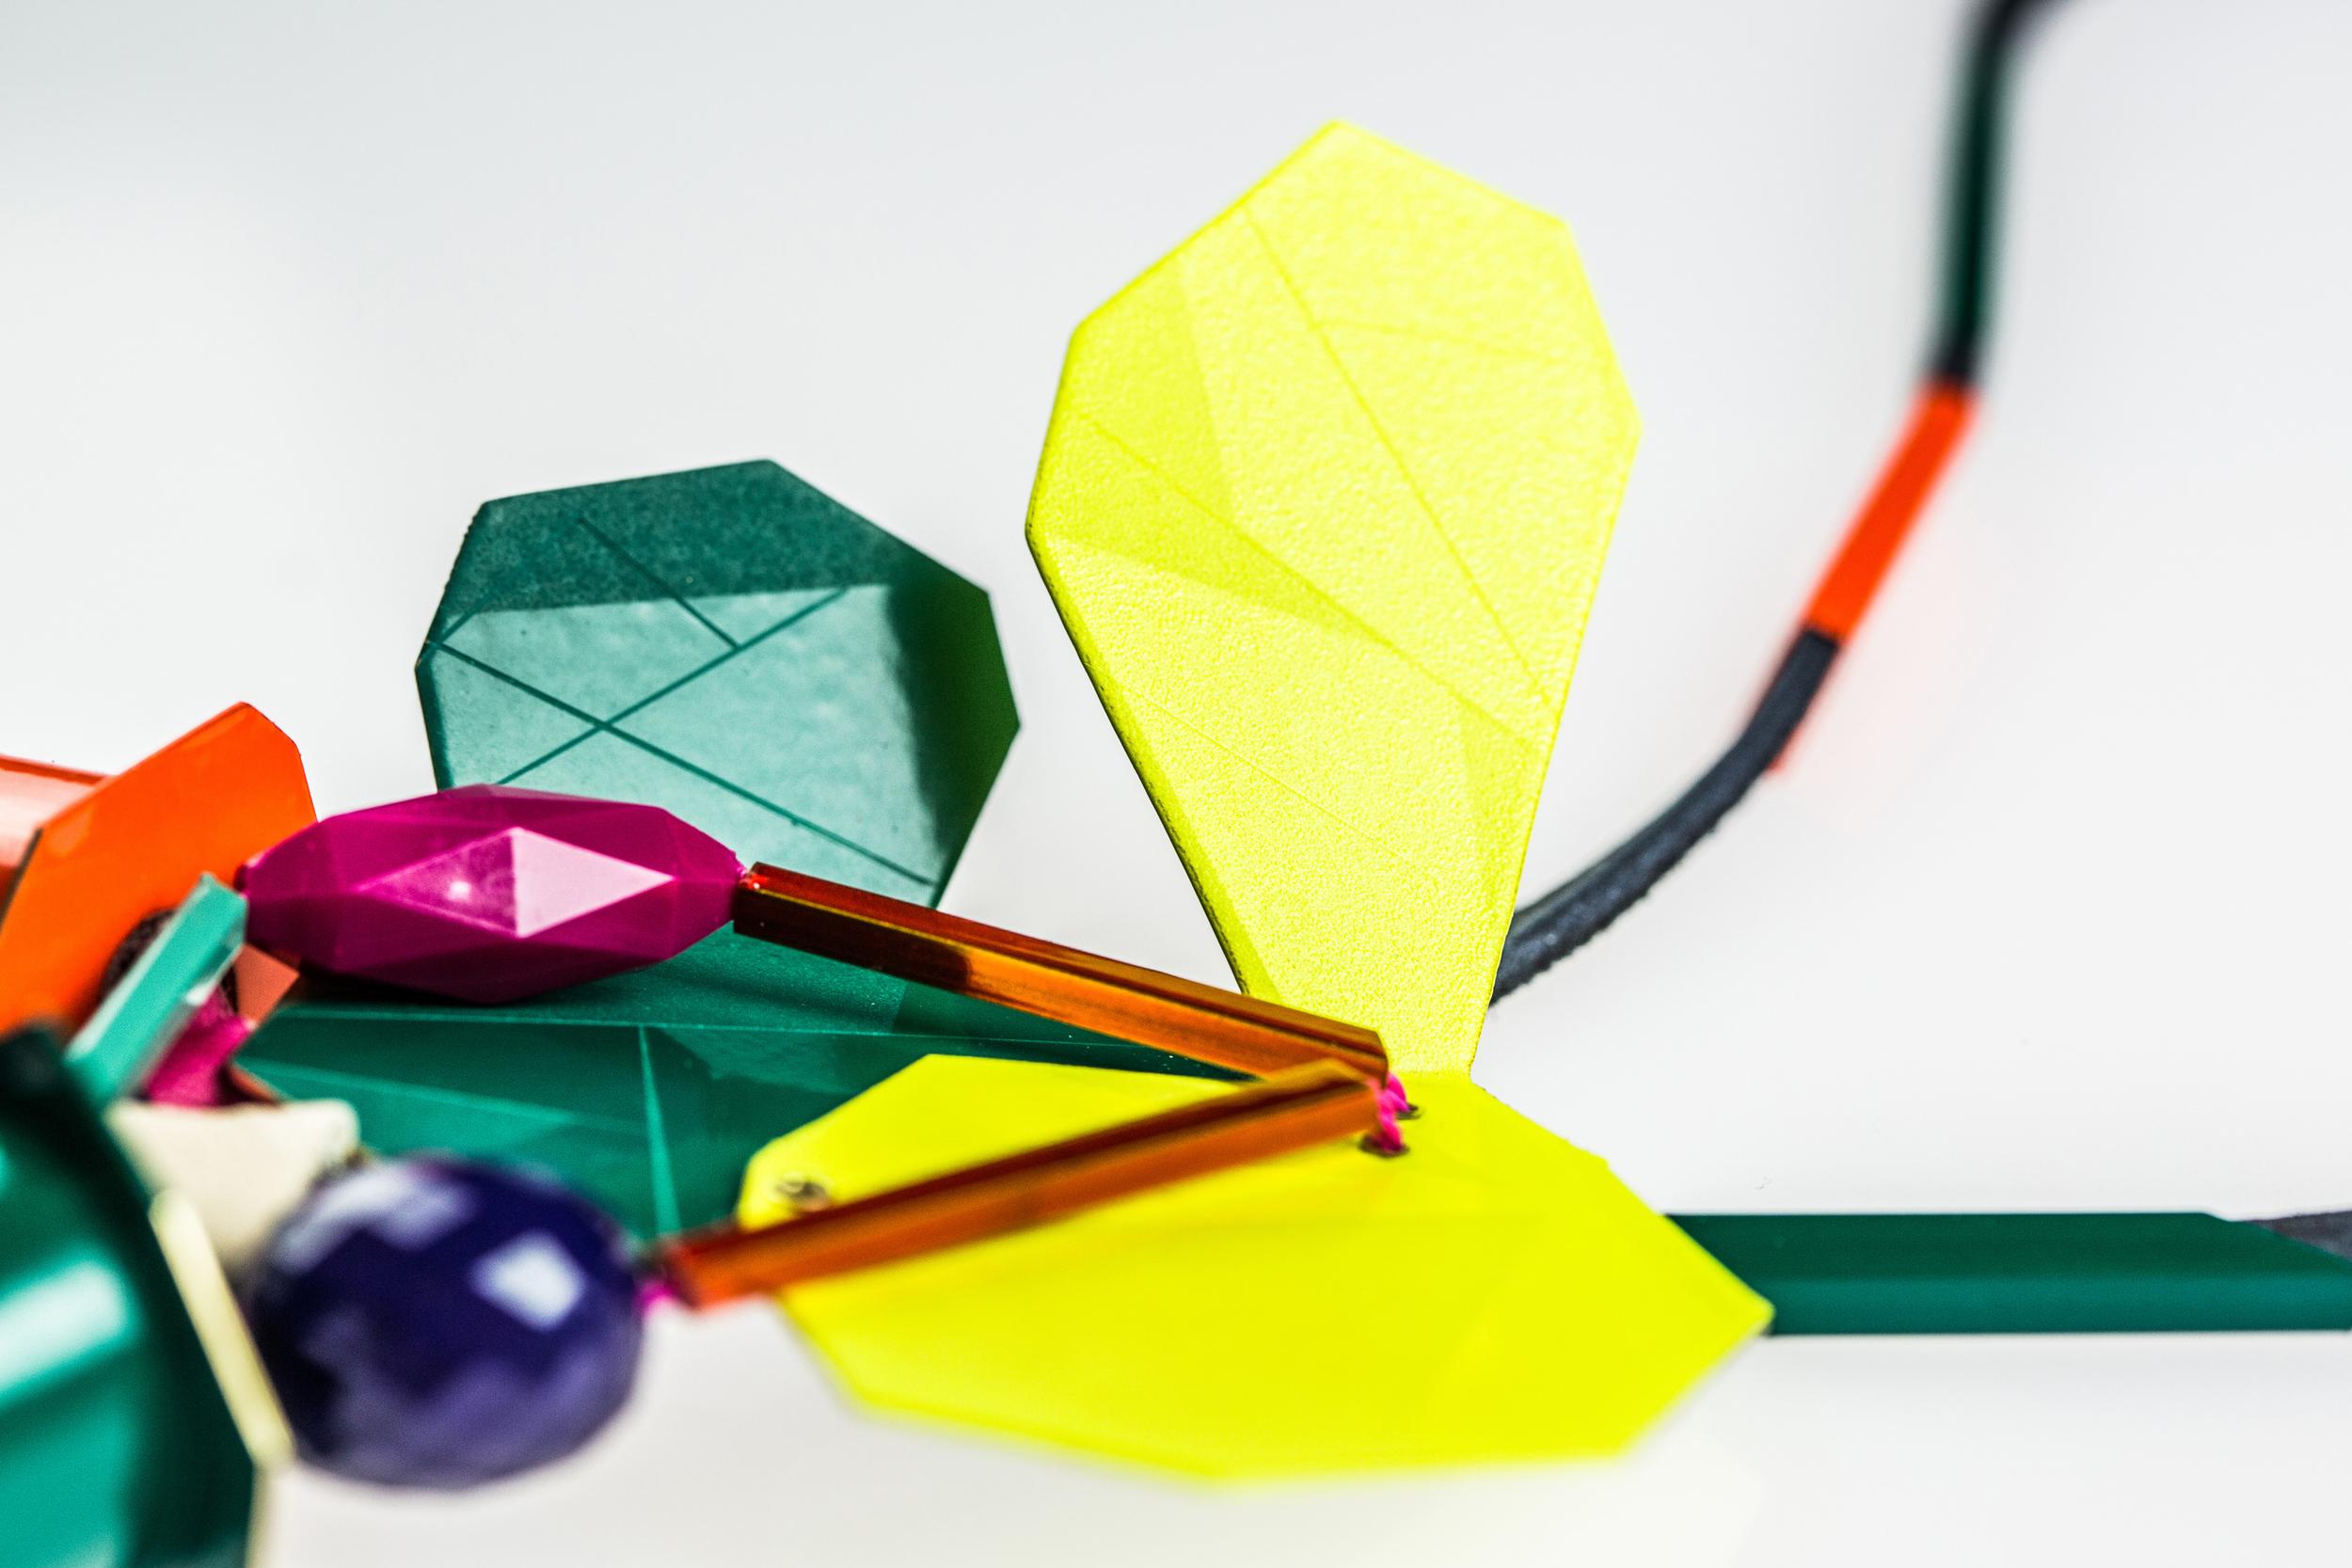 1 Gems and Tassels_detail2_Voegele.jpg